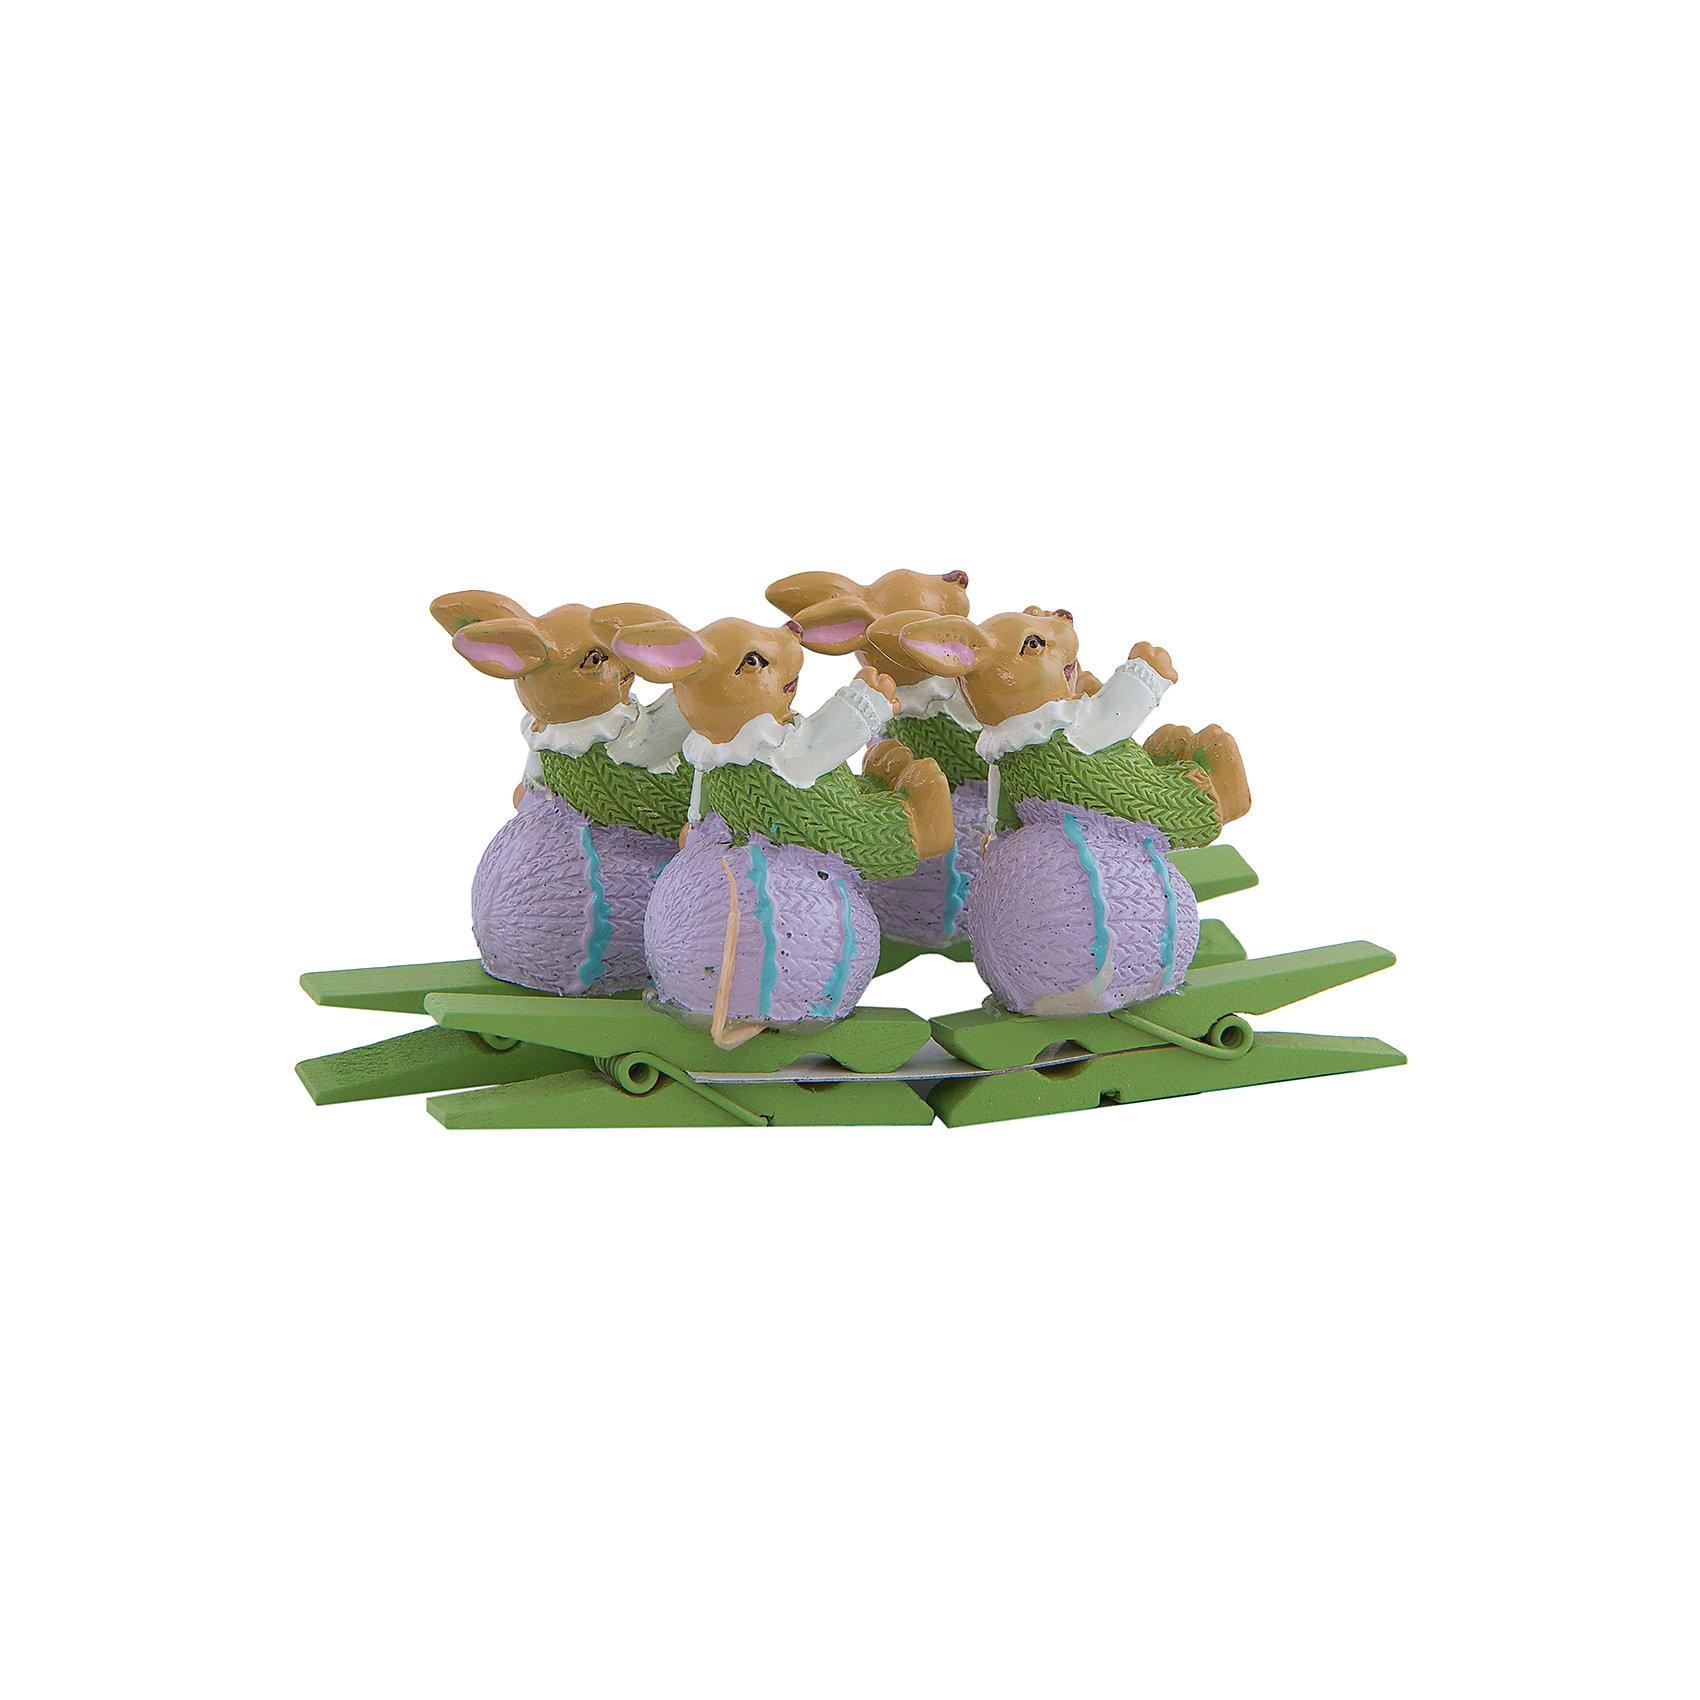 Набор декоративных прищепок Зайчата 4 штДекоративная прищепка станет приятным дополнением к любому подарку, с помощью нее вы легко украсите подарок, сделаете упаковку оригинальной, нарядной и запоминающейся. <br><br>Дополнительная информация:<br><br>- Материал: дерево, полирезина.<br>- 4 штуки в наборе.<br>- Размер упаковки: 9,6х5,5х9 см.<br>- Цвет: желтый, зеленый, белый.<br><br>Набор декоративных прищепок Зайчата, 4 шт, можно купить в нашем магазине.<br><br>Ширина мм: 120<br>Глубина мм: 170<br>Высота мм: 210<br>Вес г: 83<br>Возраст от месяцев: 36<br>Возраст до месяцев: 2147483647<br>Пол: Унисекс<br>Возраст: Детский<br>SKU: 4501152